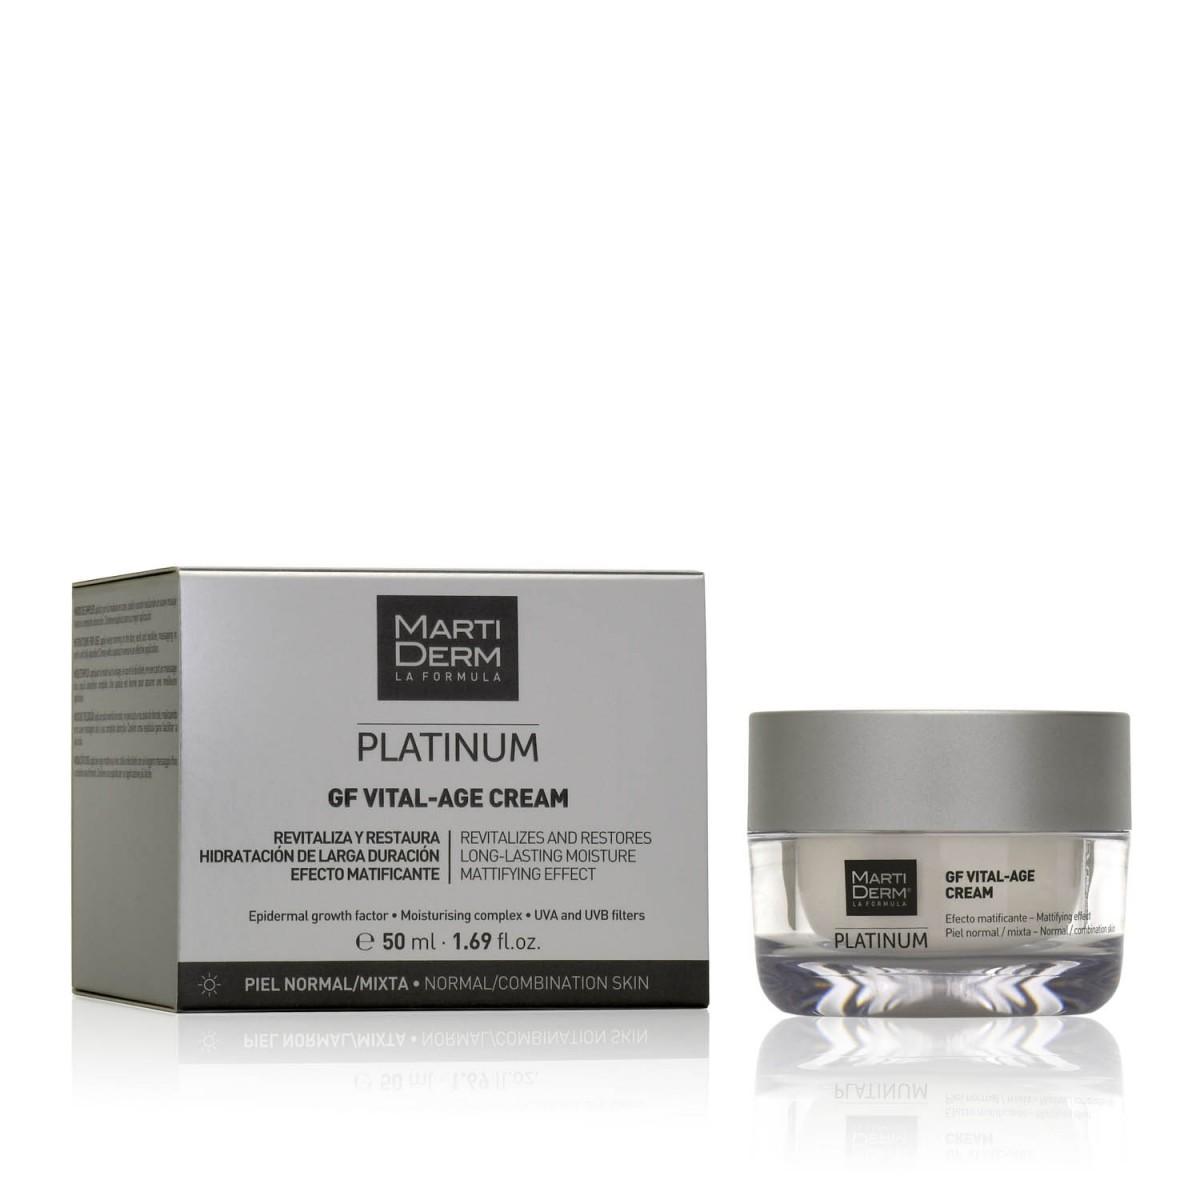 Дневной крем для нормальной/смешанной кожи Martiderm Platinum GF Vital-Age Cream